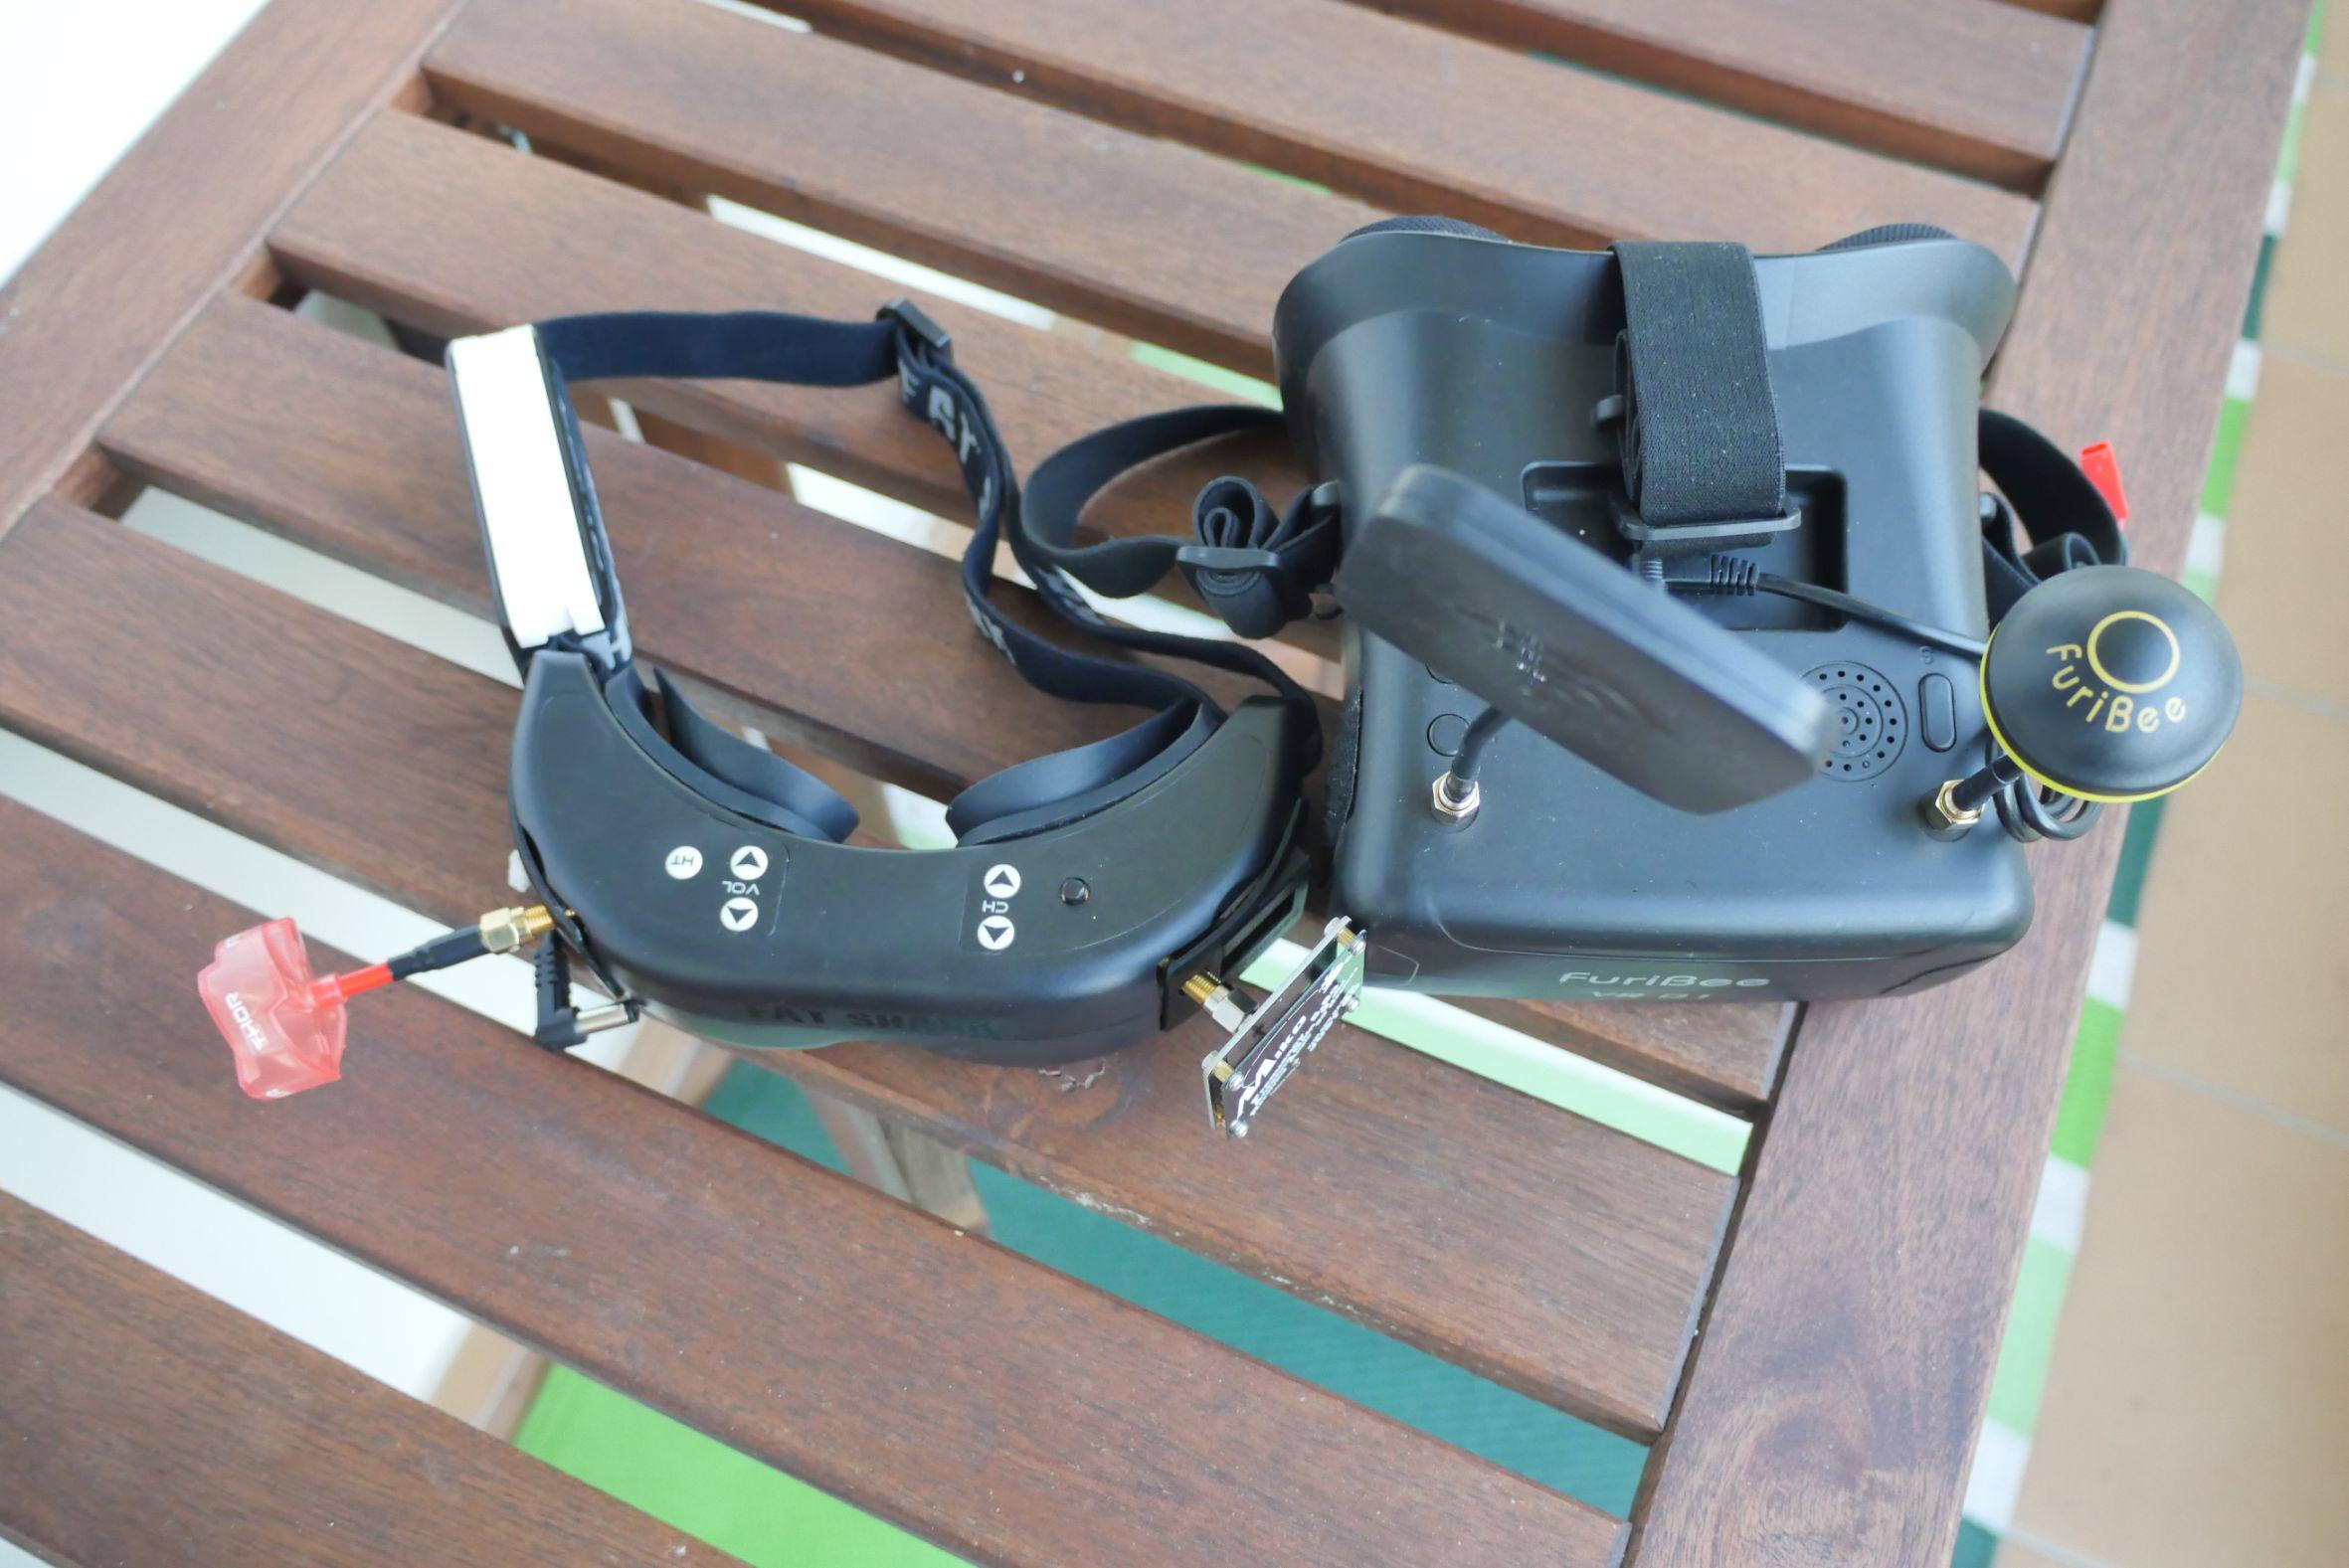 Fatshark Dominator V1 FPV szemüveg teszt – Kiscápa, de nem BMW